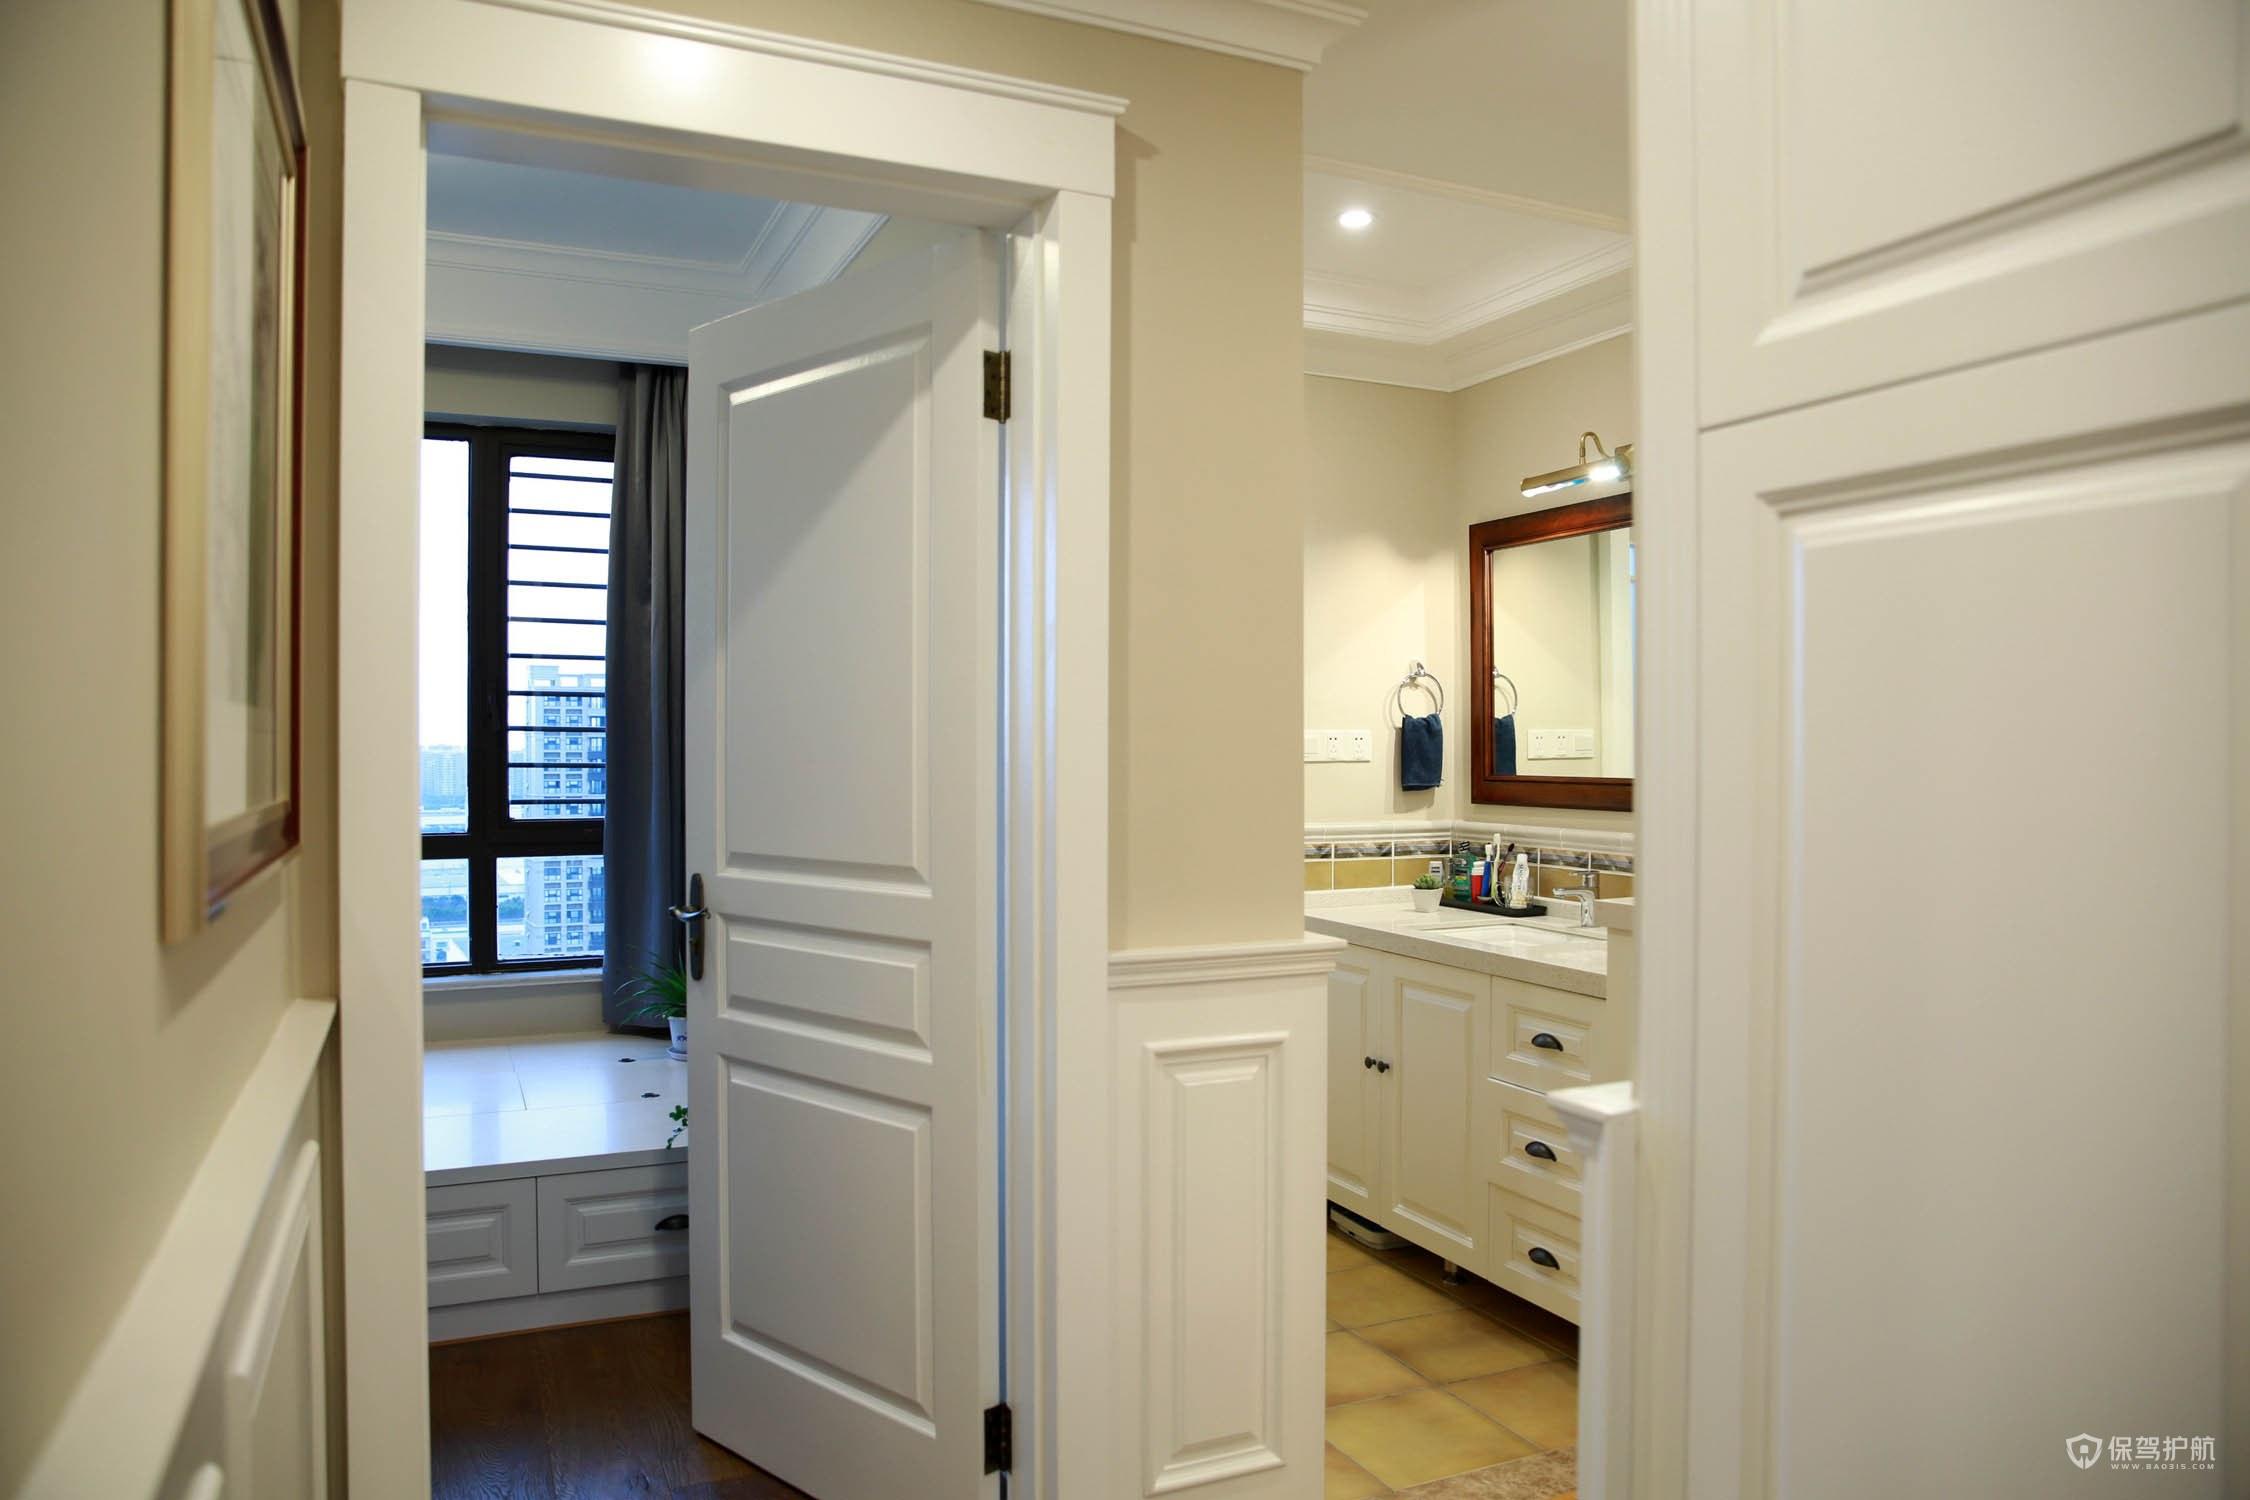 卫生间对门风水化解,卫生间正对大门、厨房、书房、卧室怎么化解?